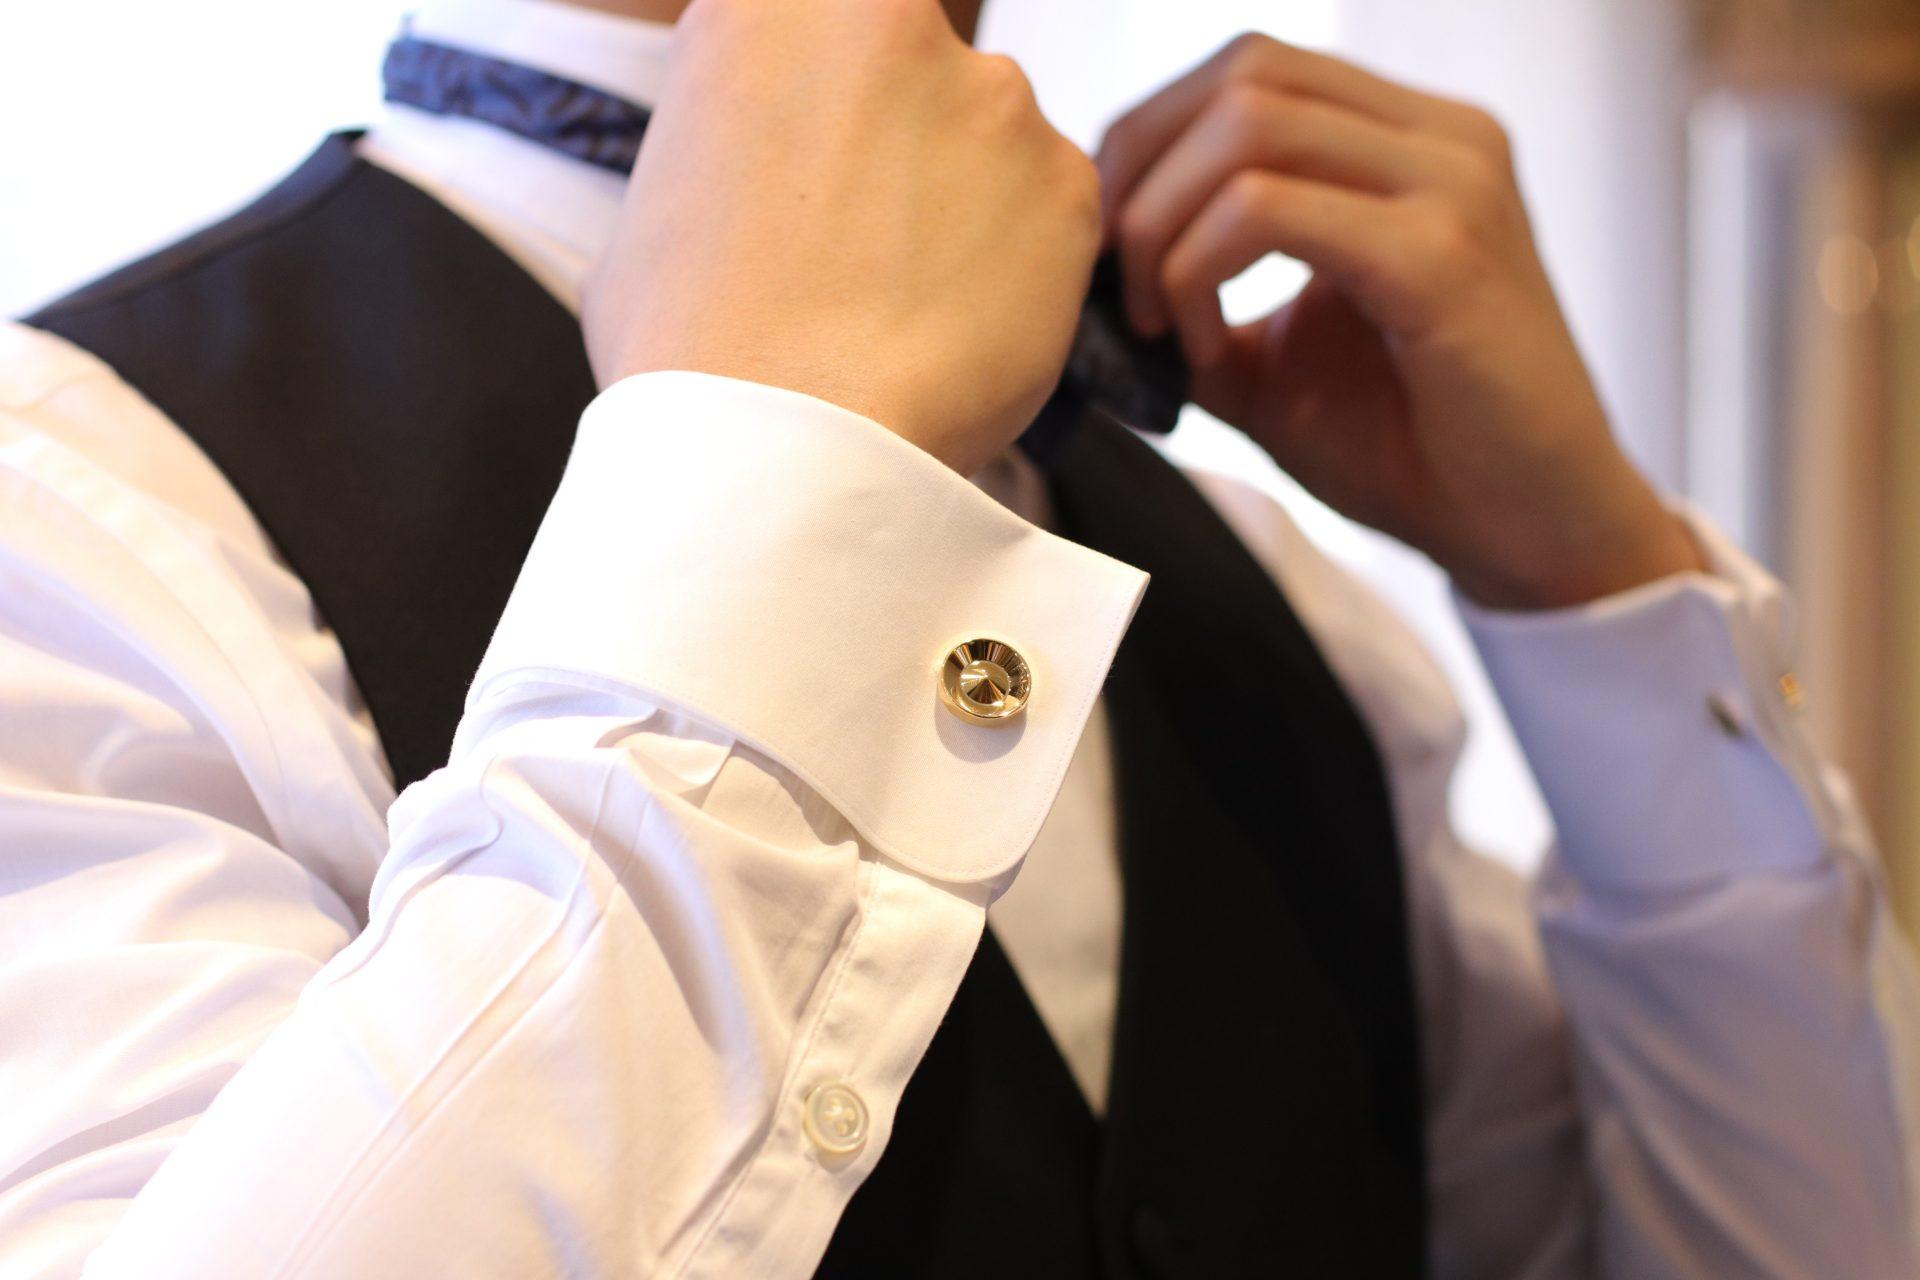 フォーマルな白シャツにゴールドのカフリンクスを合わせると新郎様の装いにより高級感や特別感を演出いたします。